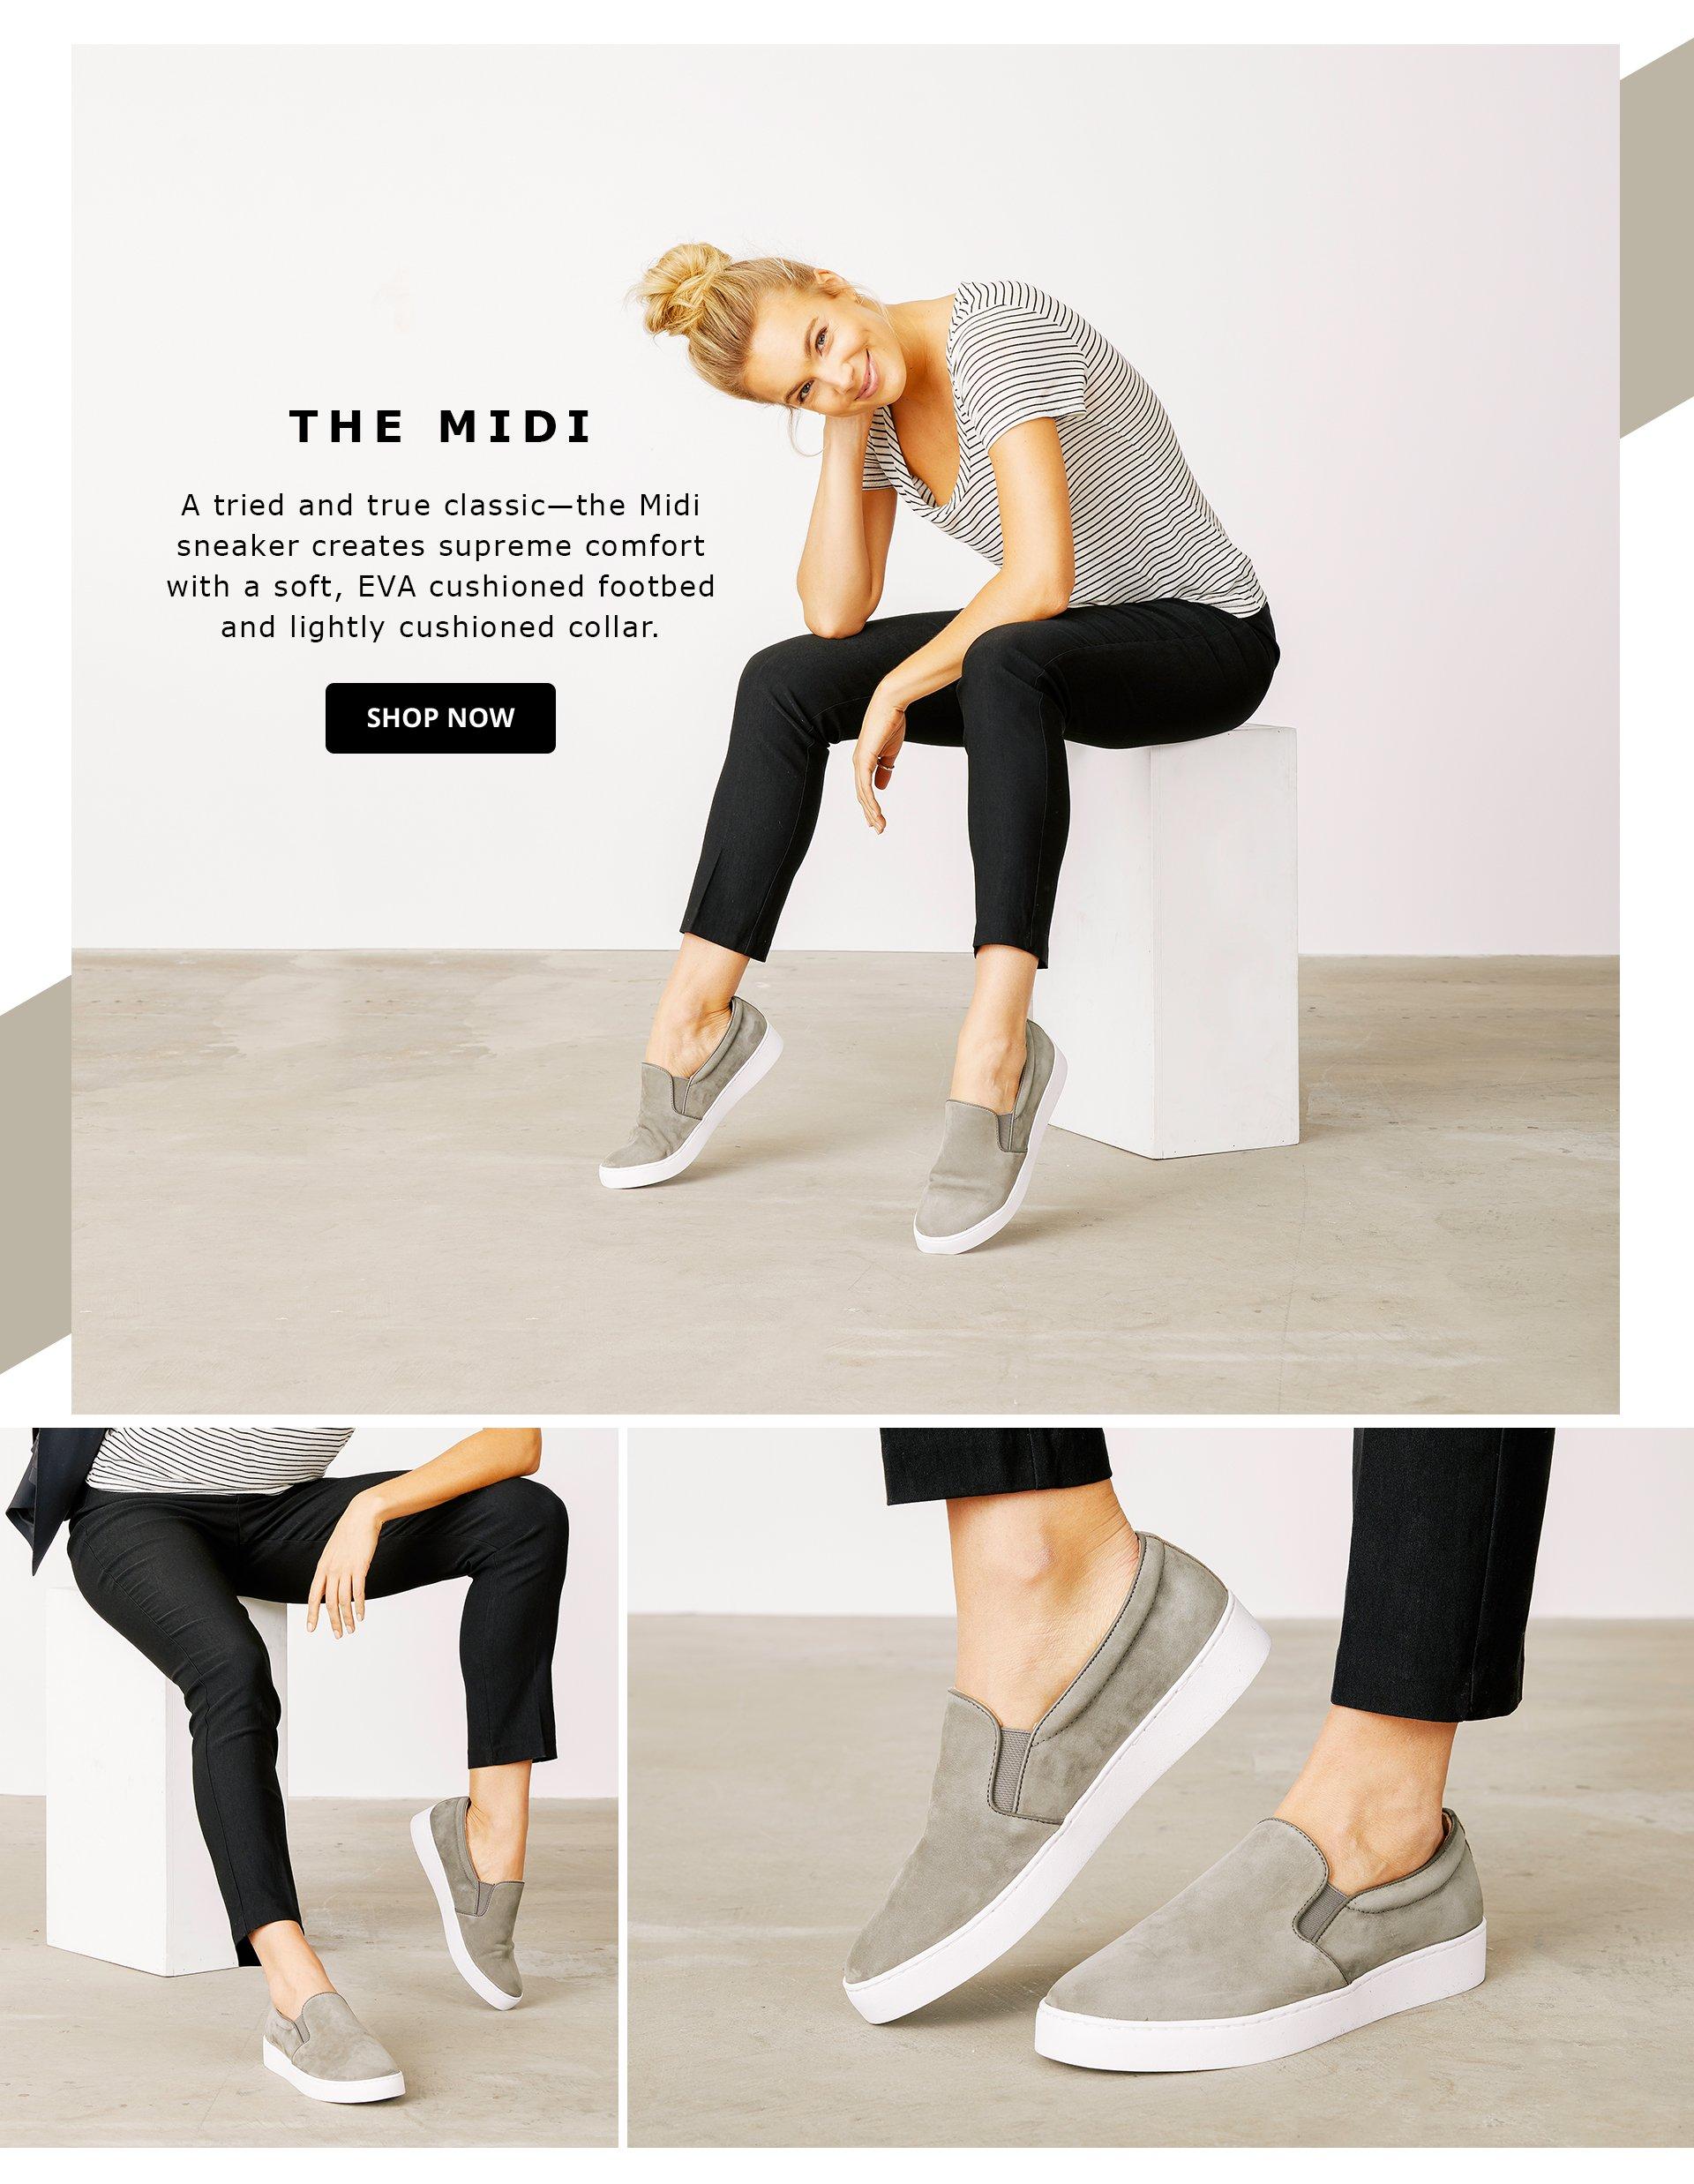 Shop The Midi